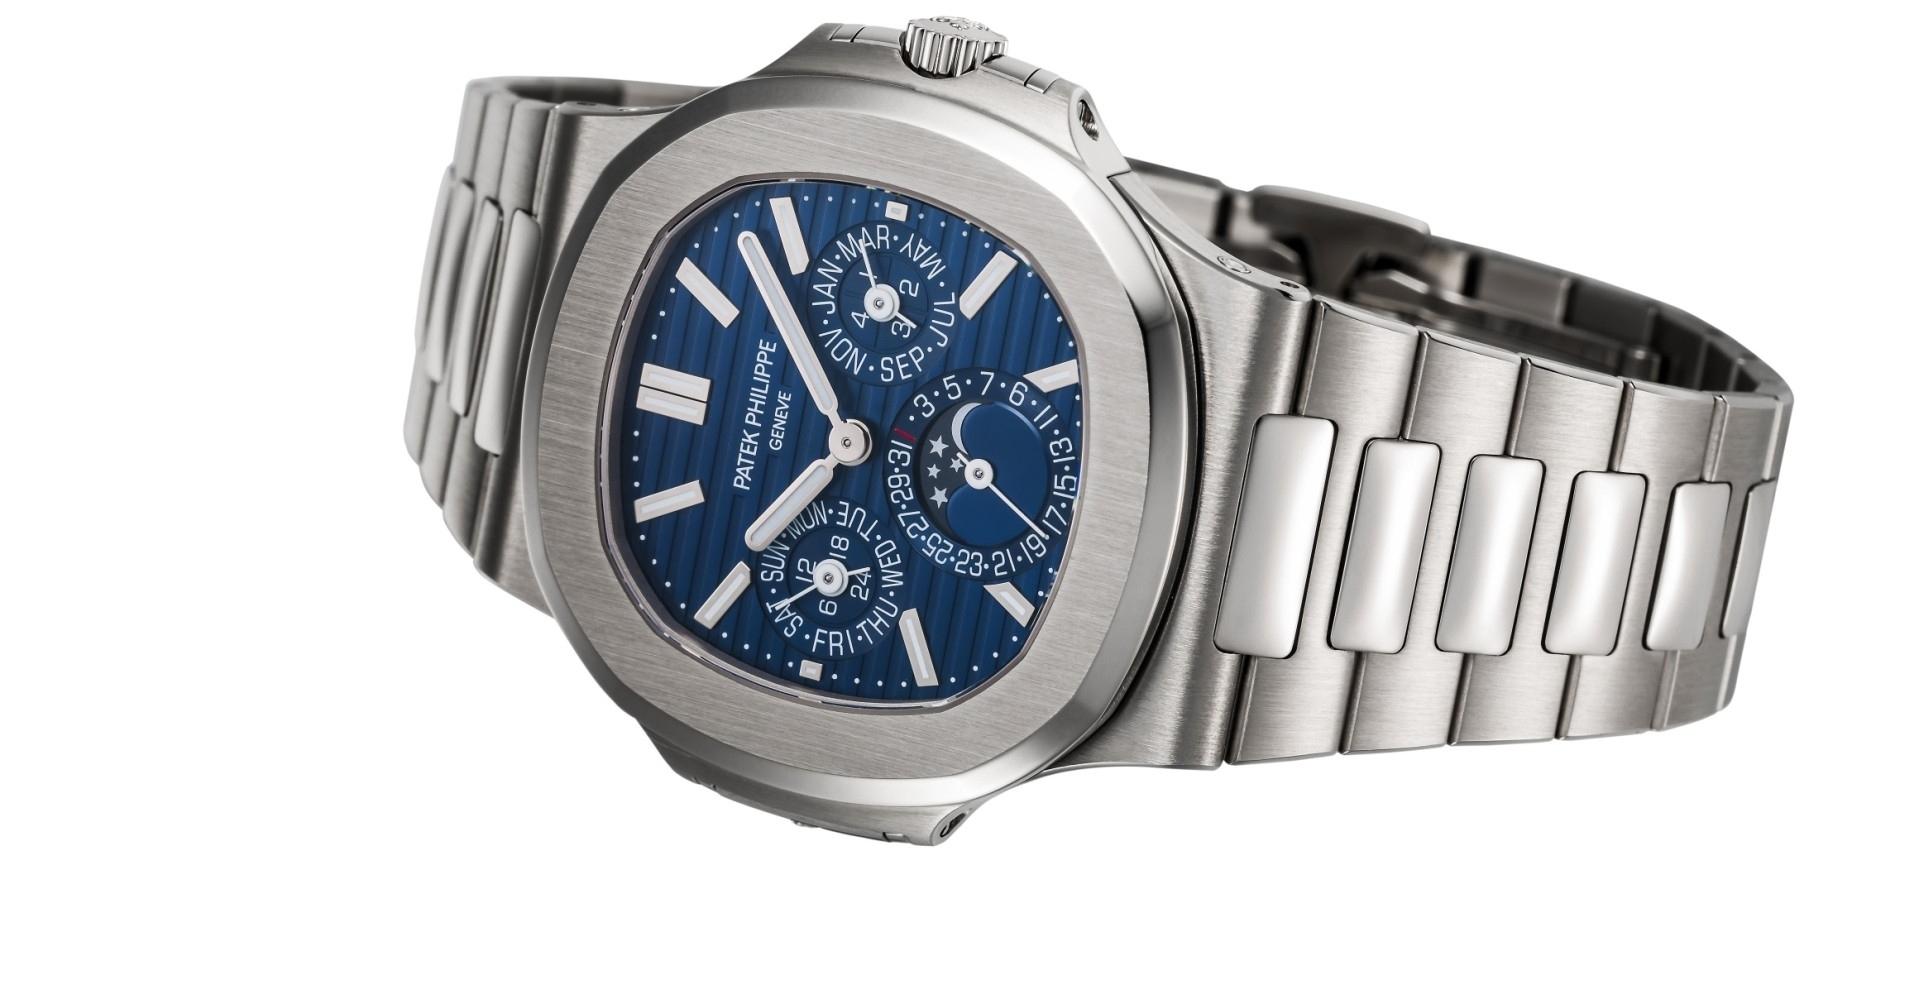 為萬代時計開先鋒:百達翡麗金鷹系列Nautilus Ref. 5740/1G-001萬年曆腕錶